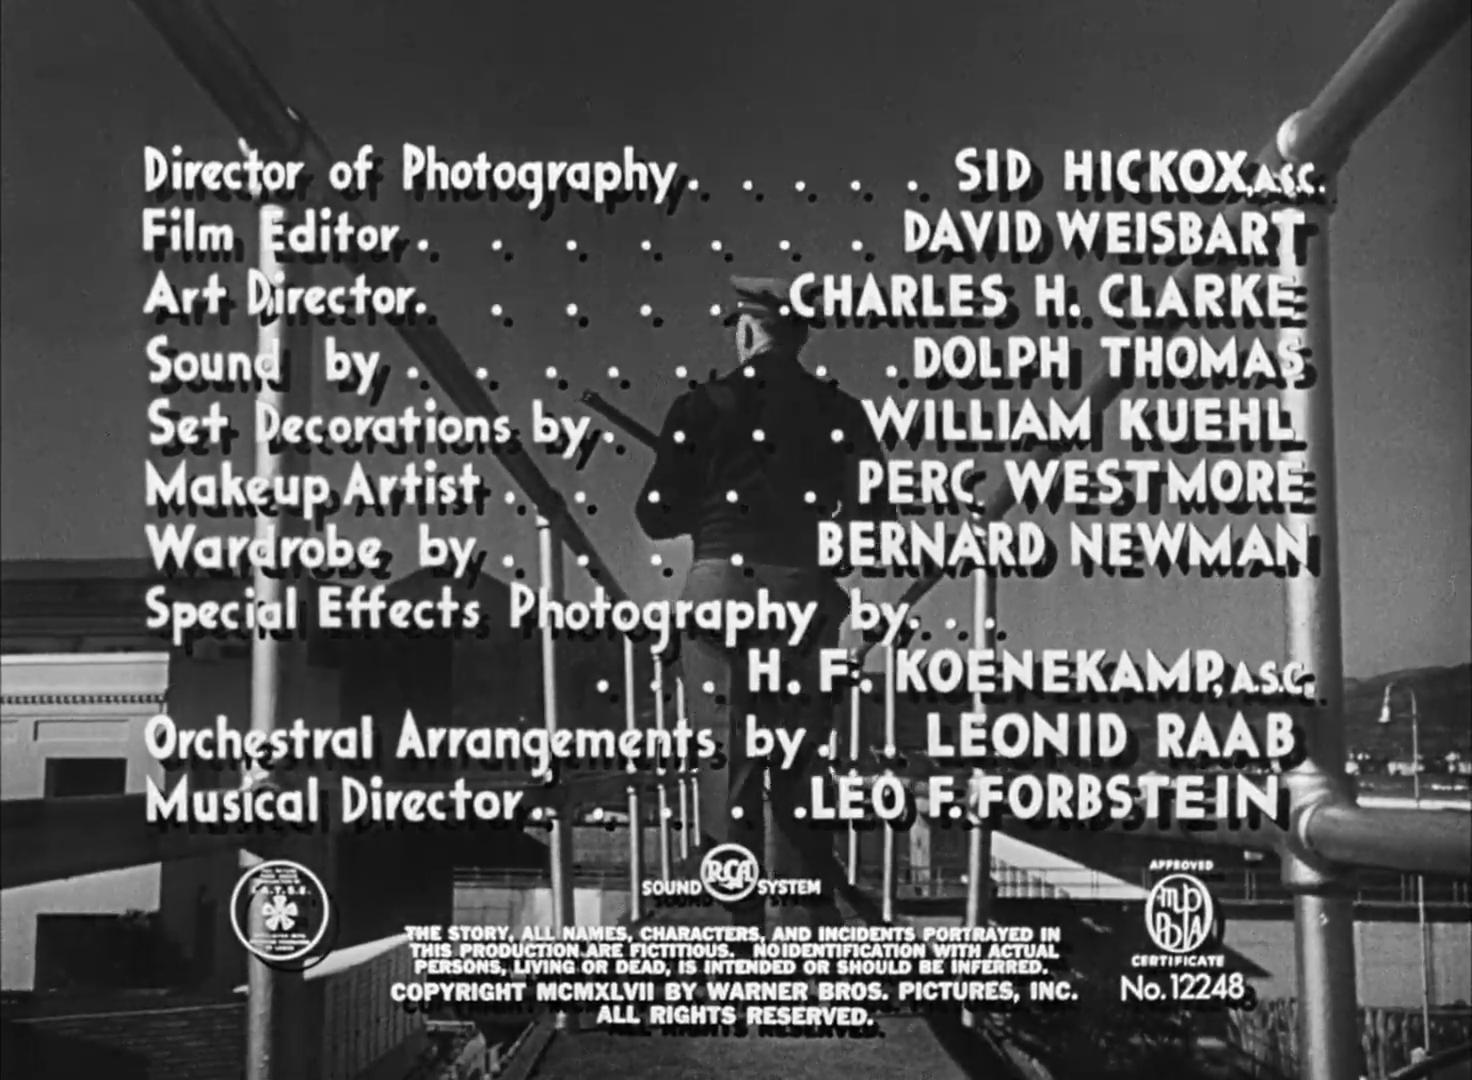 Générique du film policier Dark passage (Les passagers de la nuit, 1947) de Delmer Daves